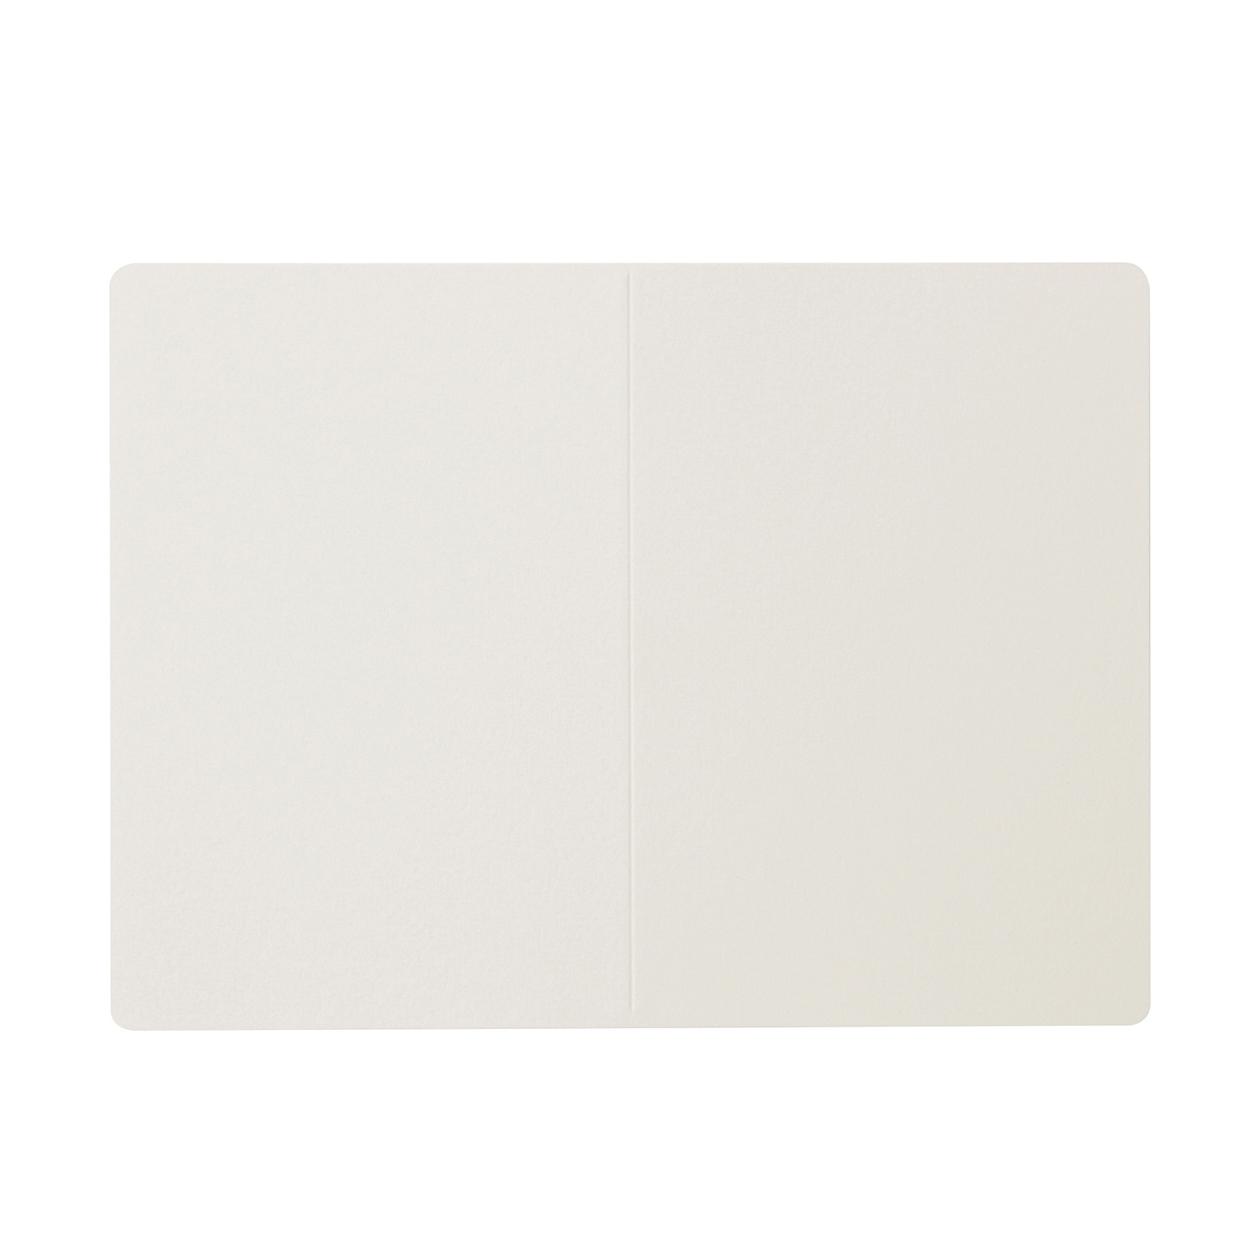 #53VカードR コットン スノーホワイト 232.8g